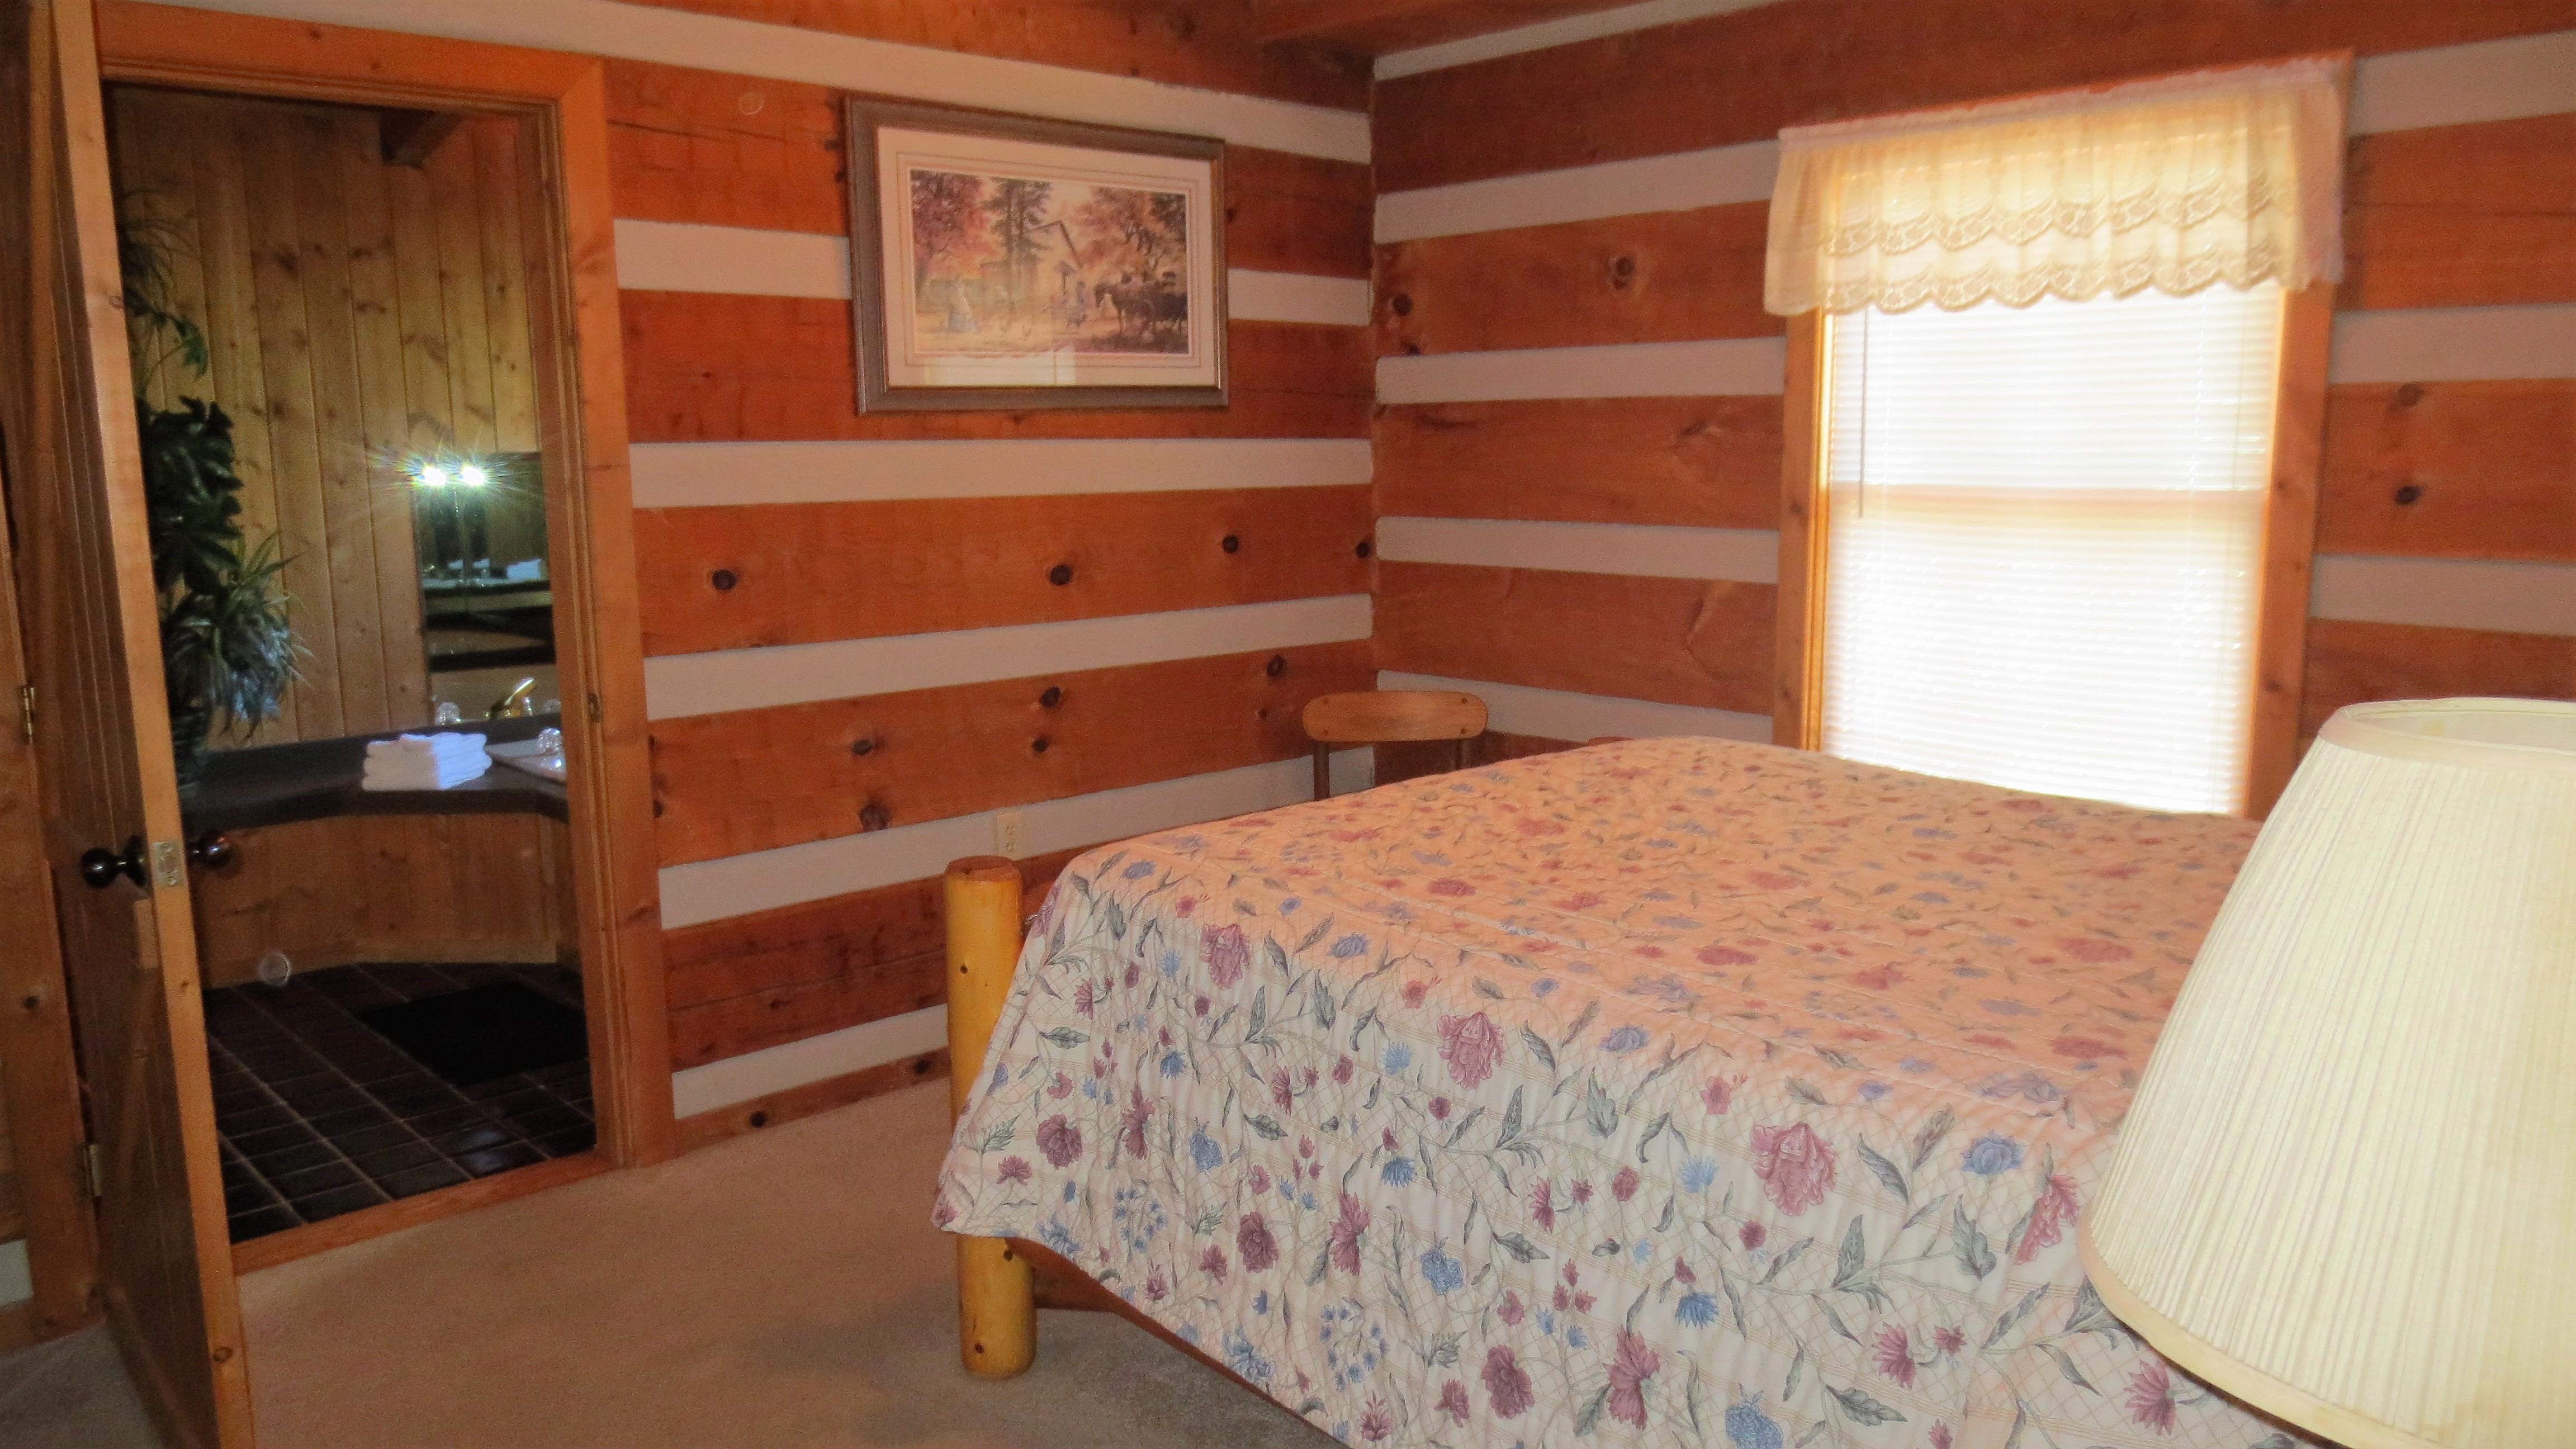 2 gone fishin queen bedroom with adjacent whirlpool room